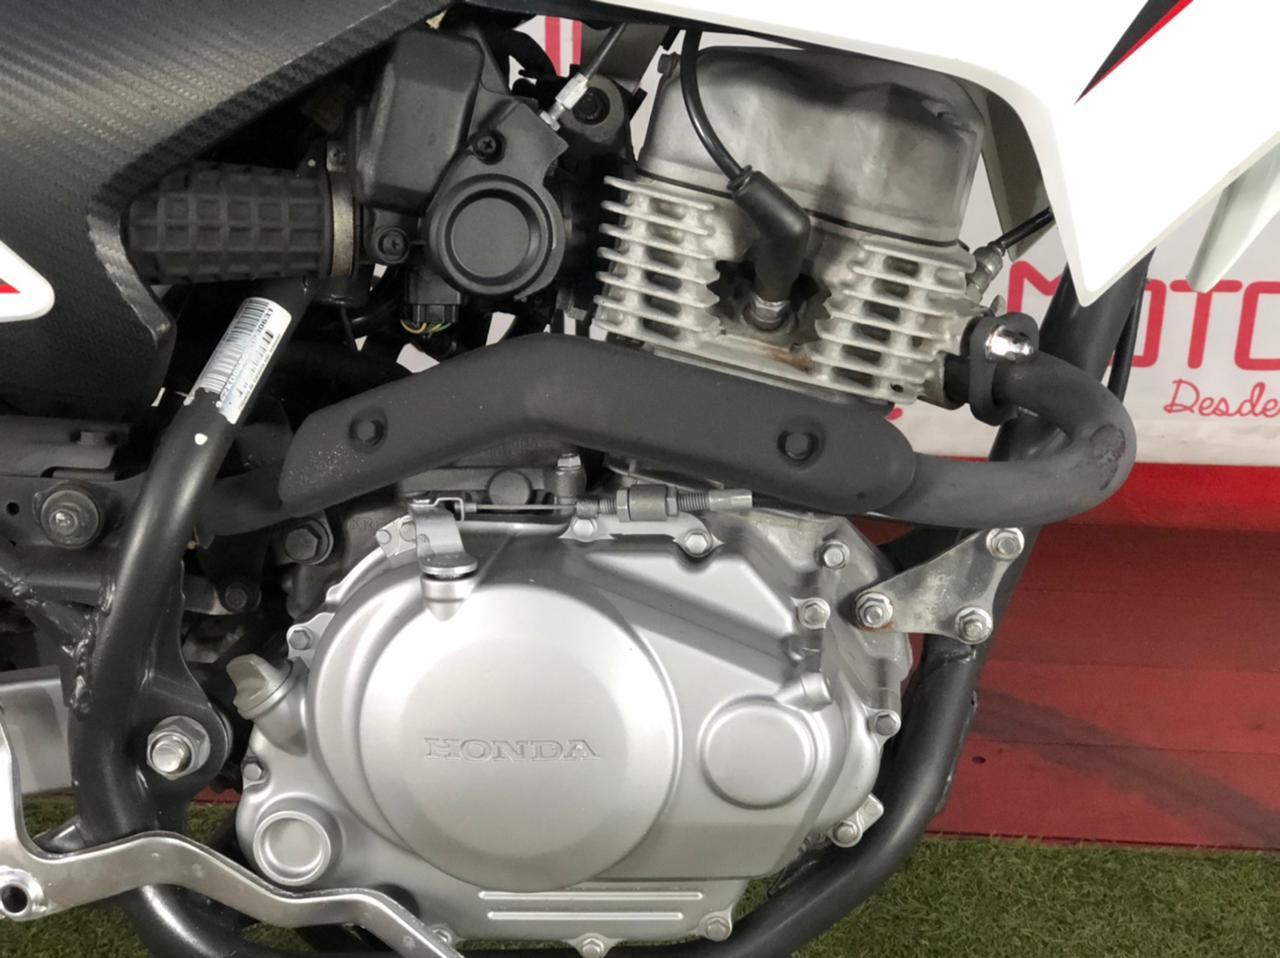 Honda - Bros 150 ES